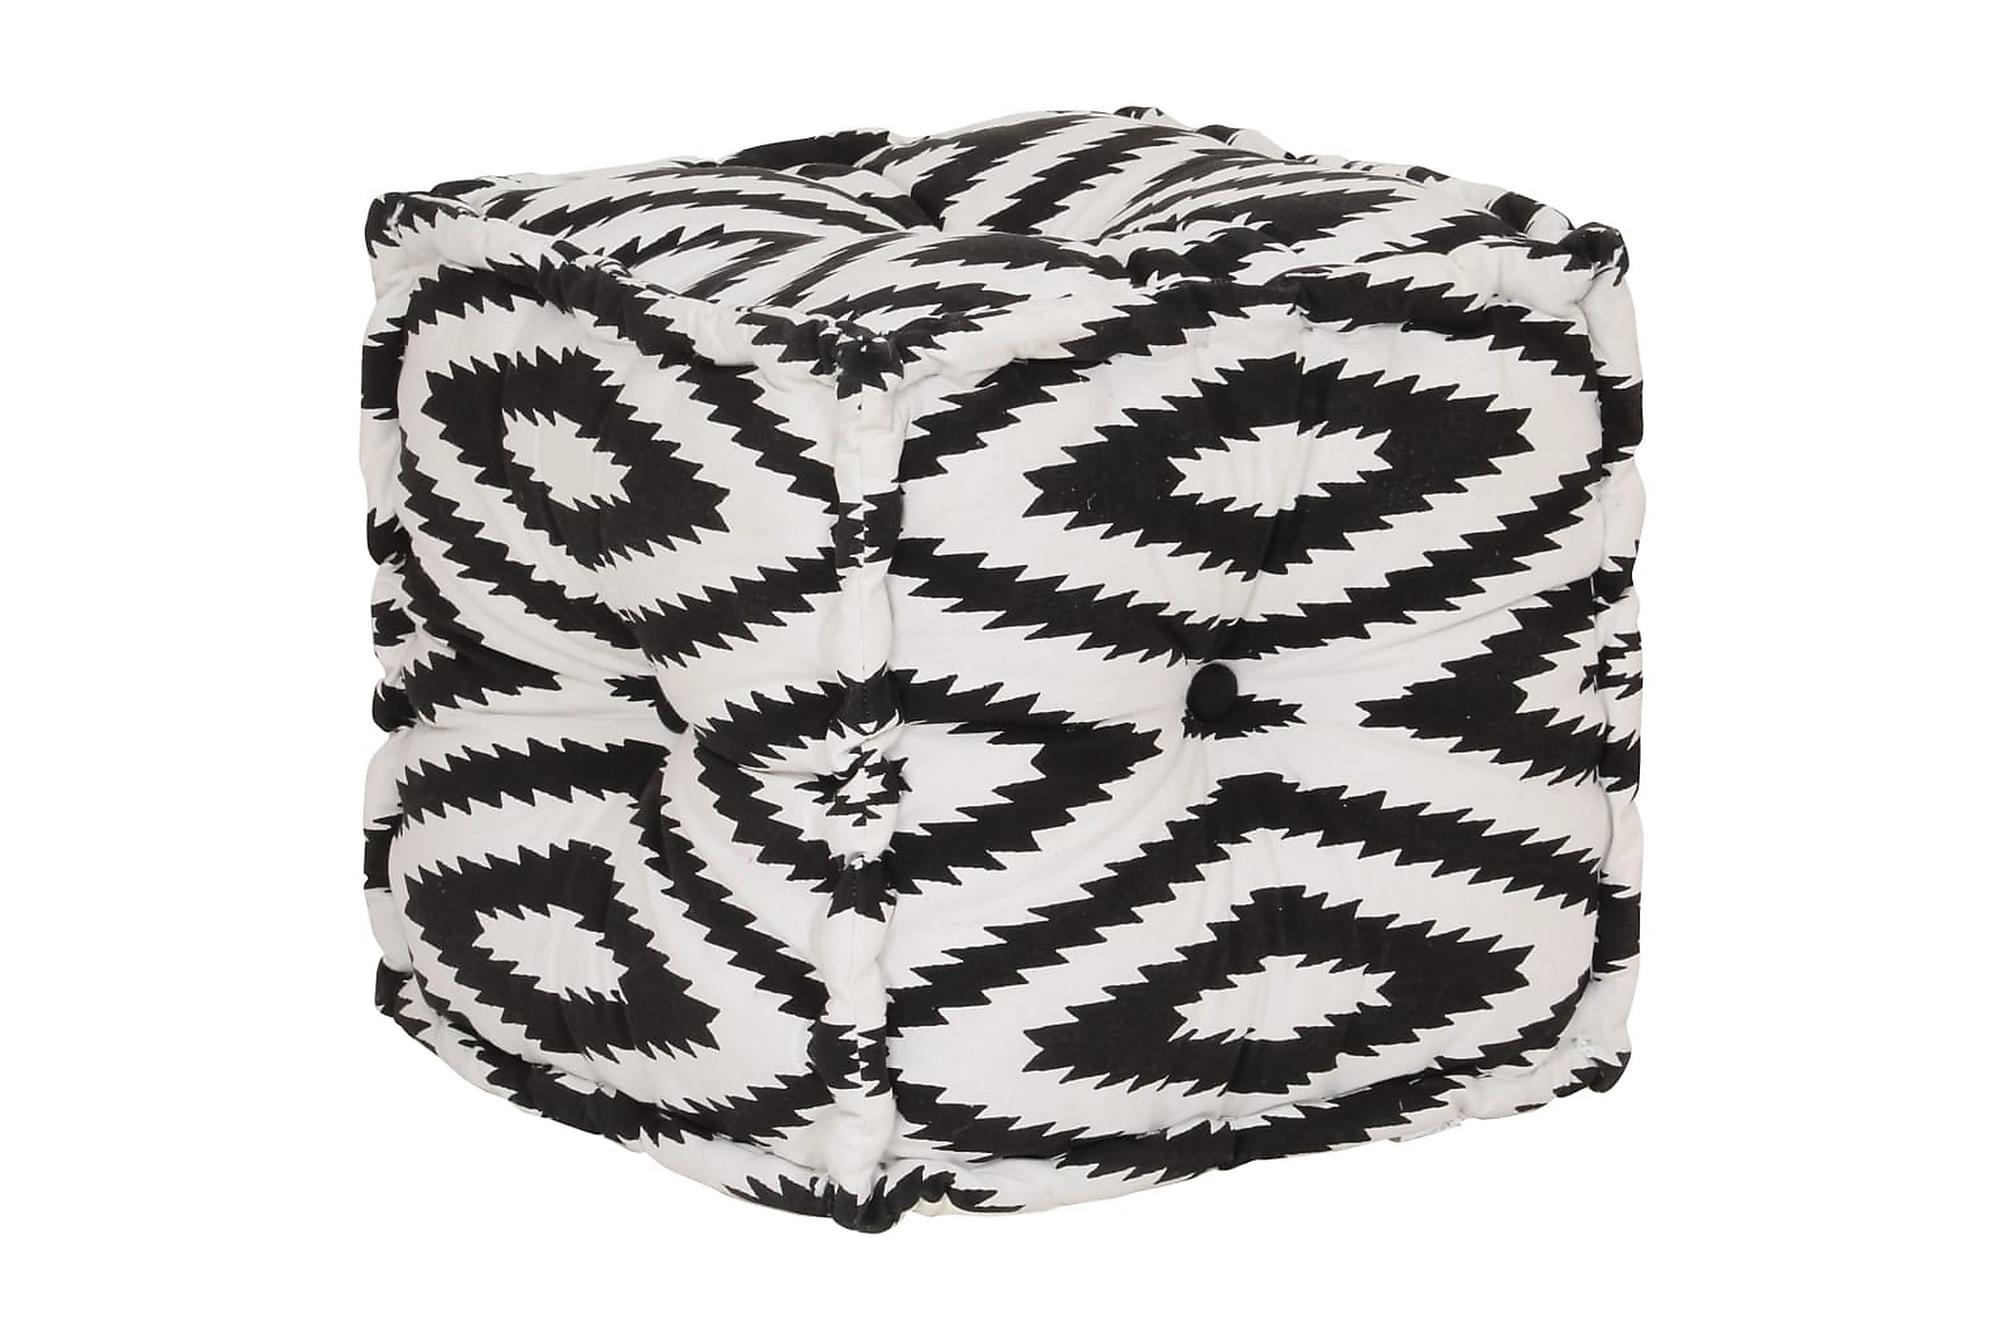 Sittpuff i bomull kub med mönster handgjord 40×40 cm svart/v